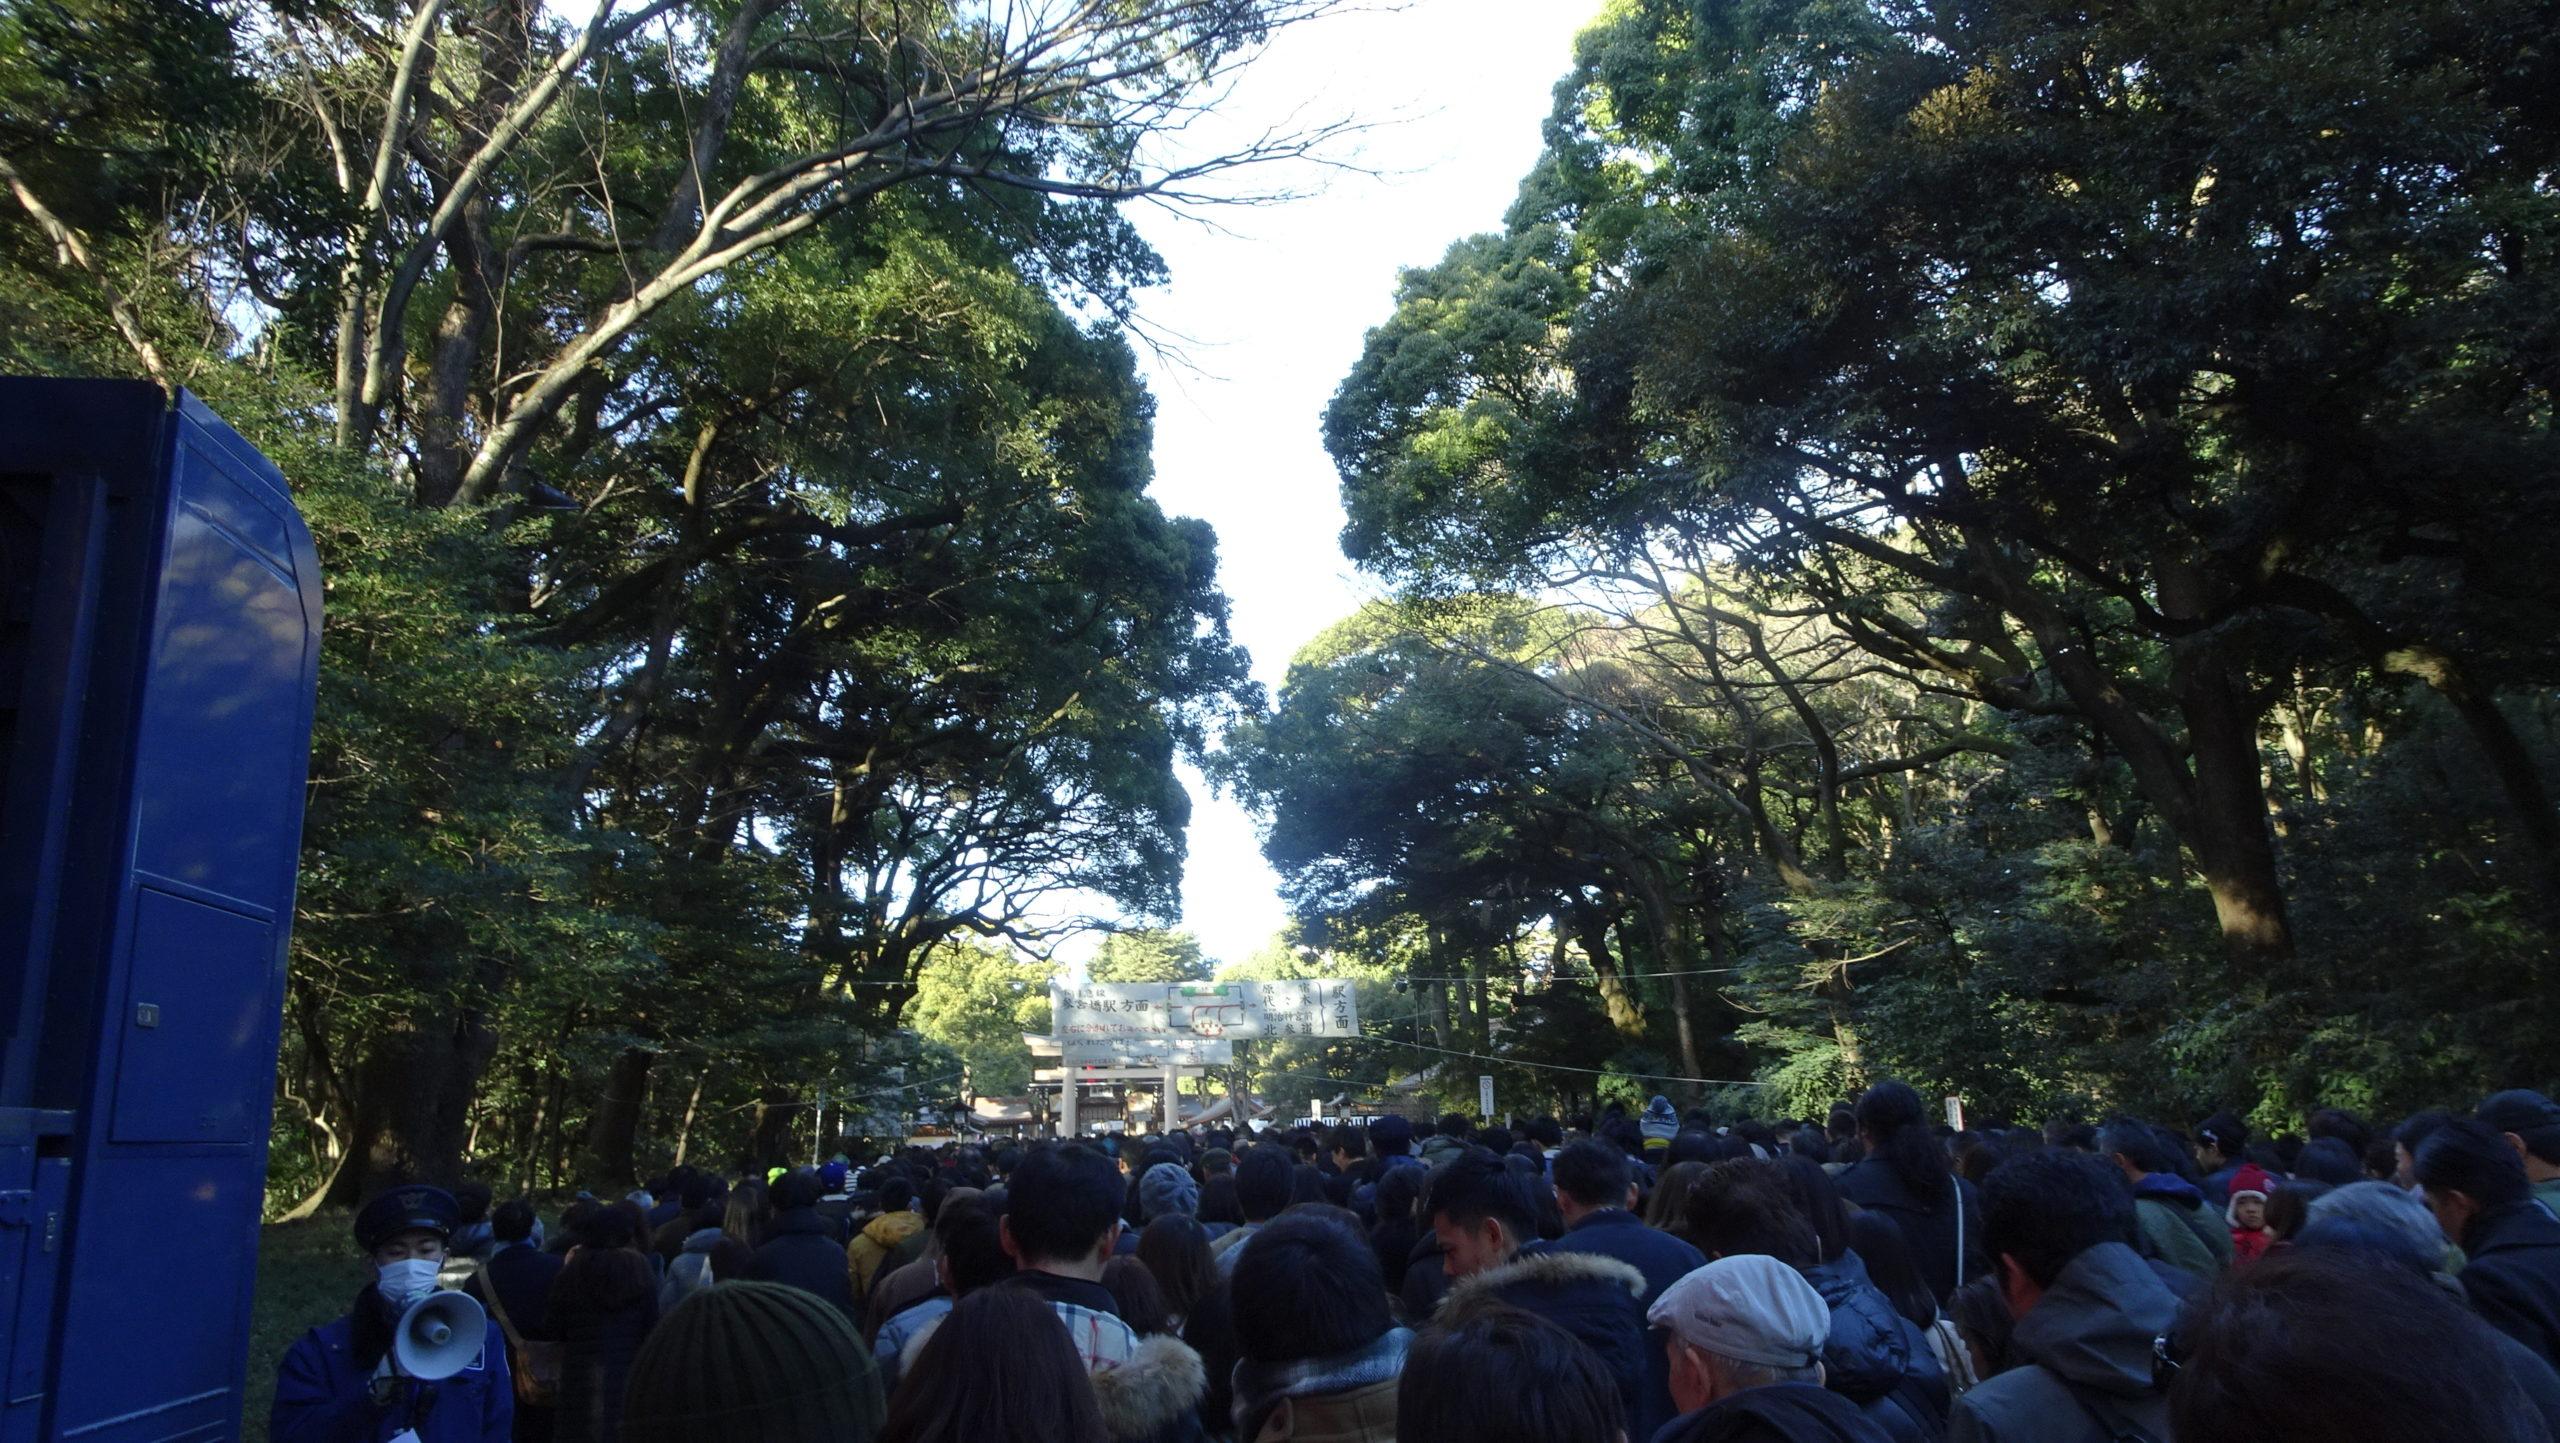 明治神宮の例年の参道の混雑状況の模様